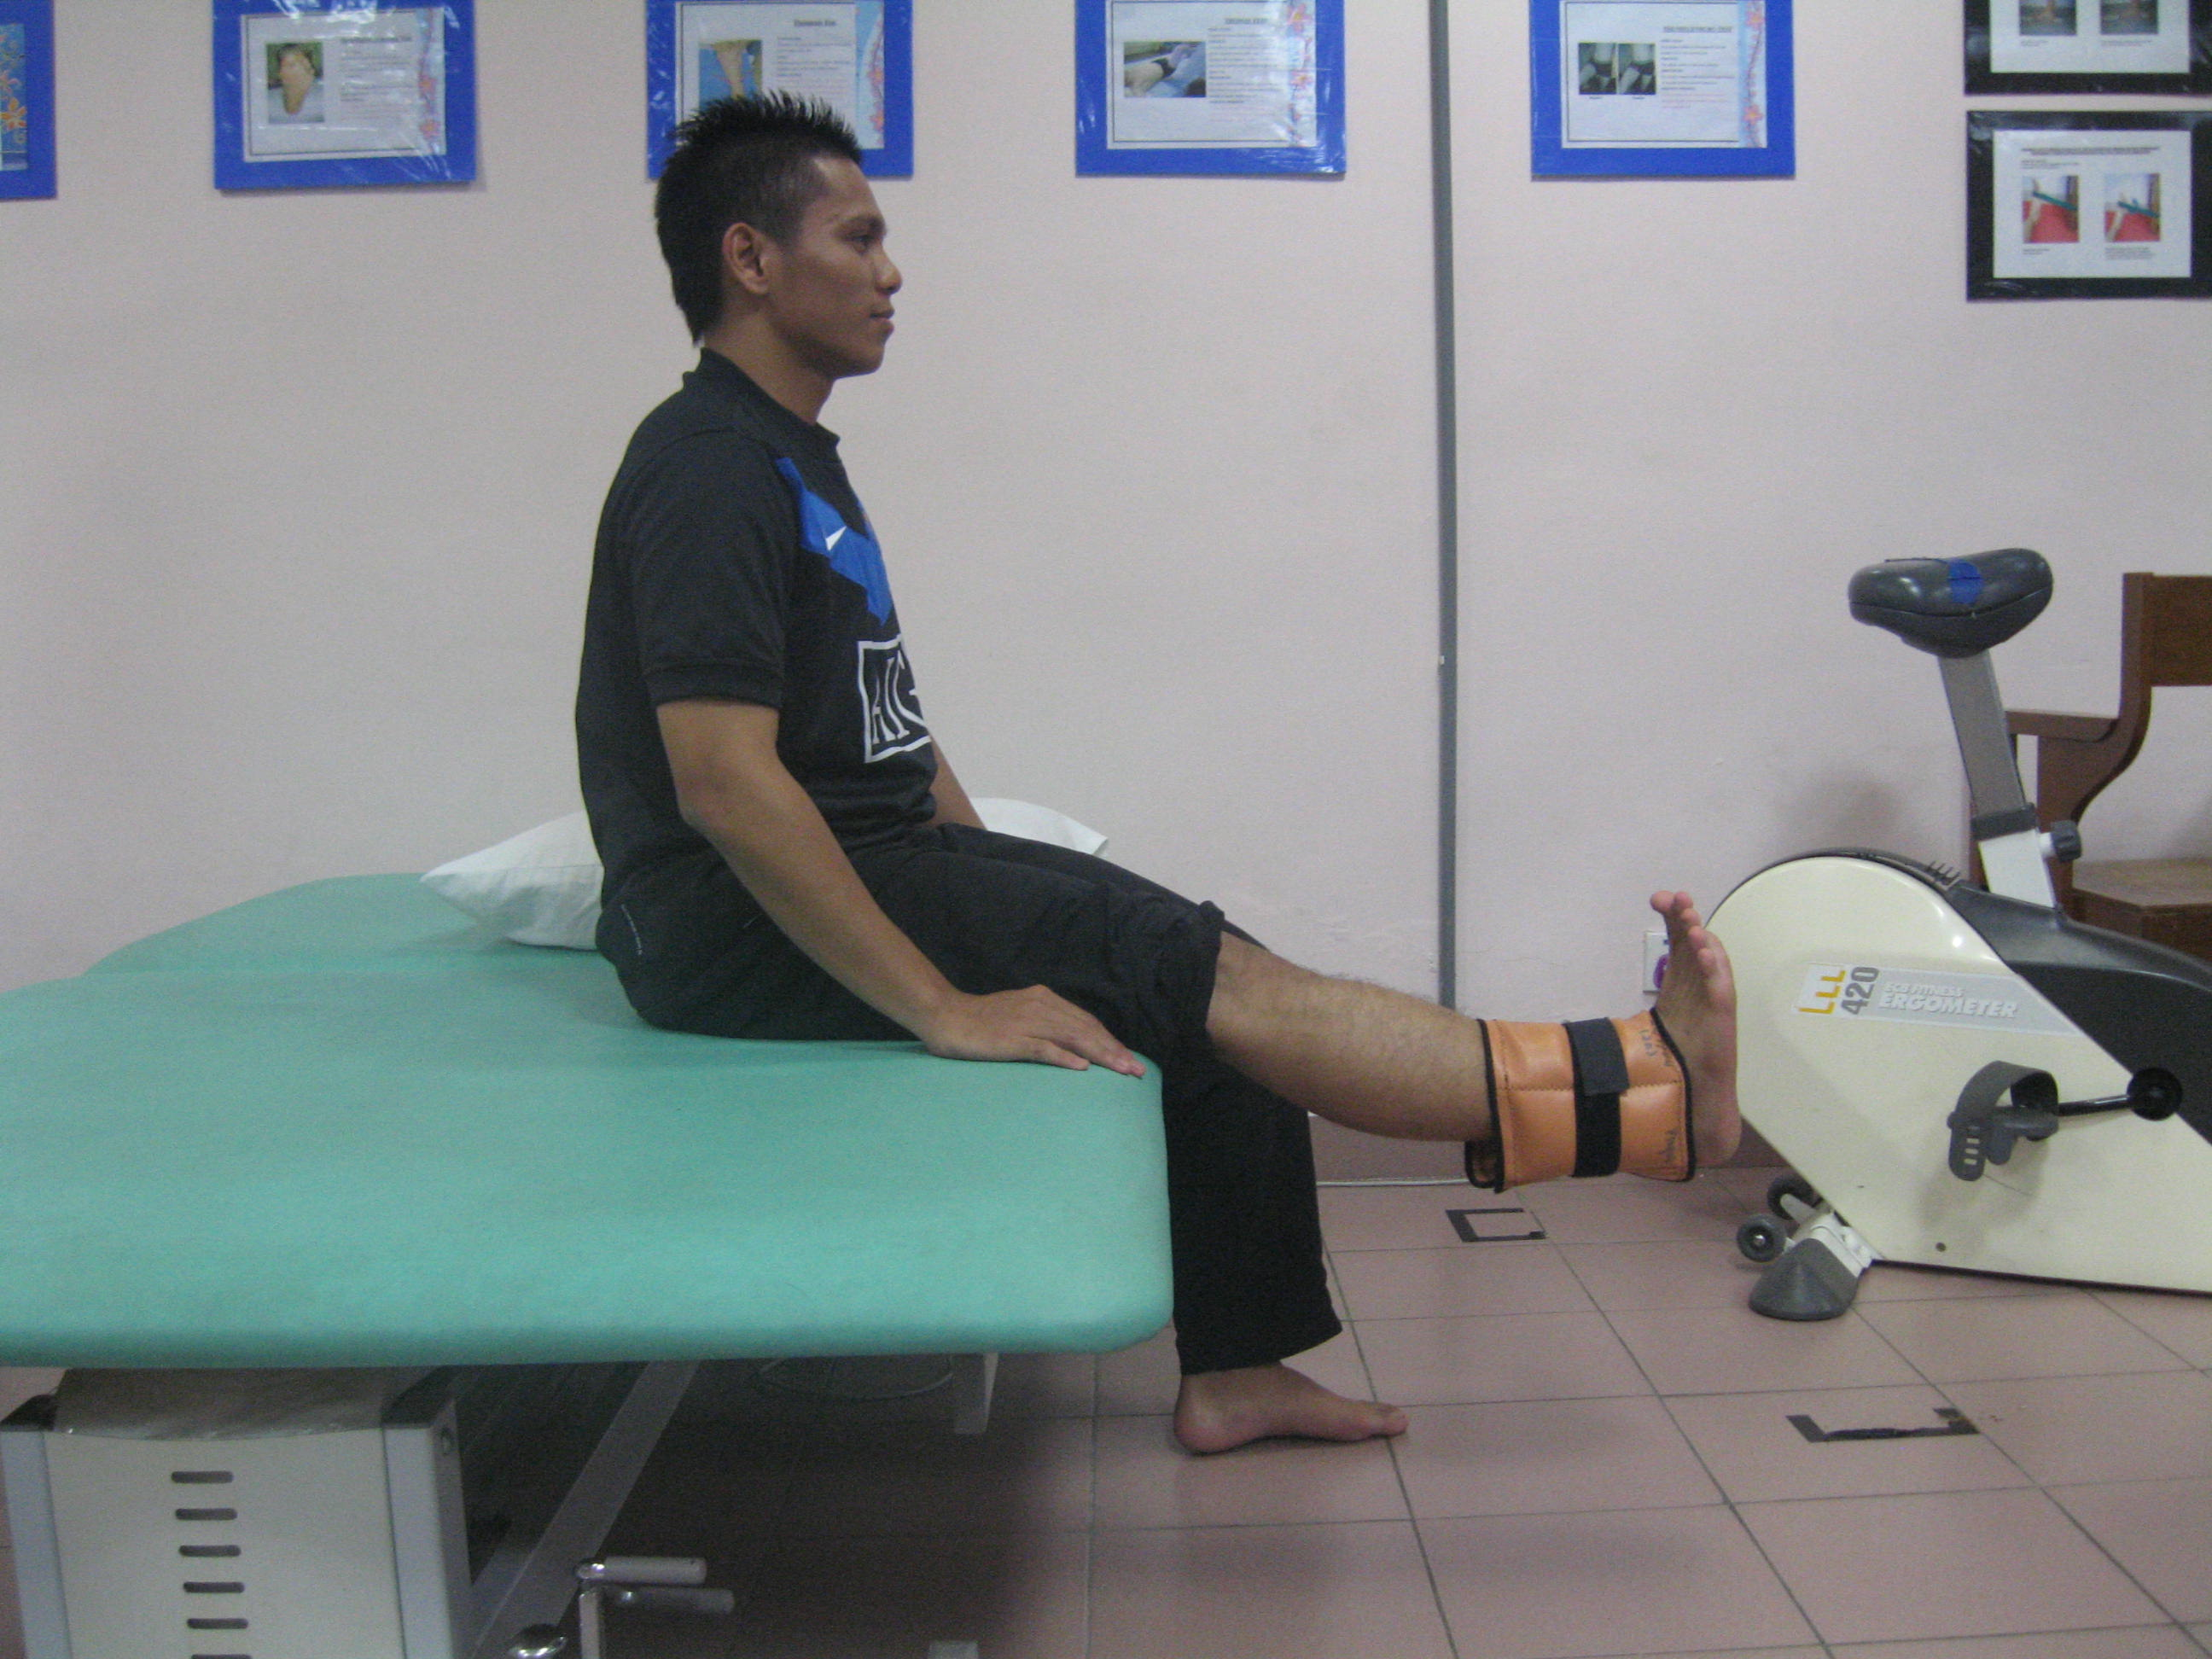 Obat penyakit osteoarthritis